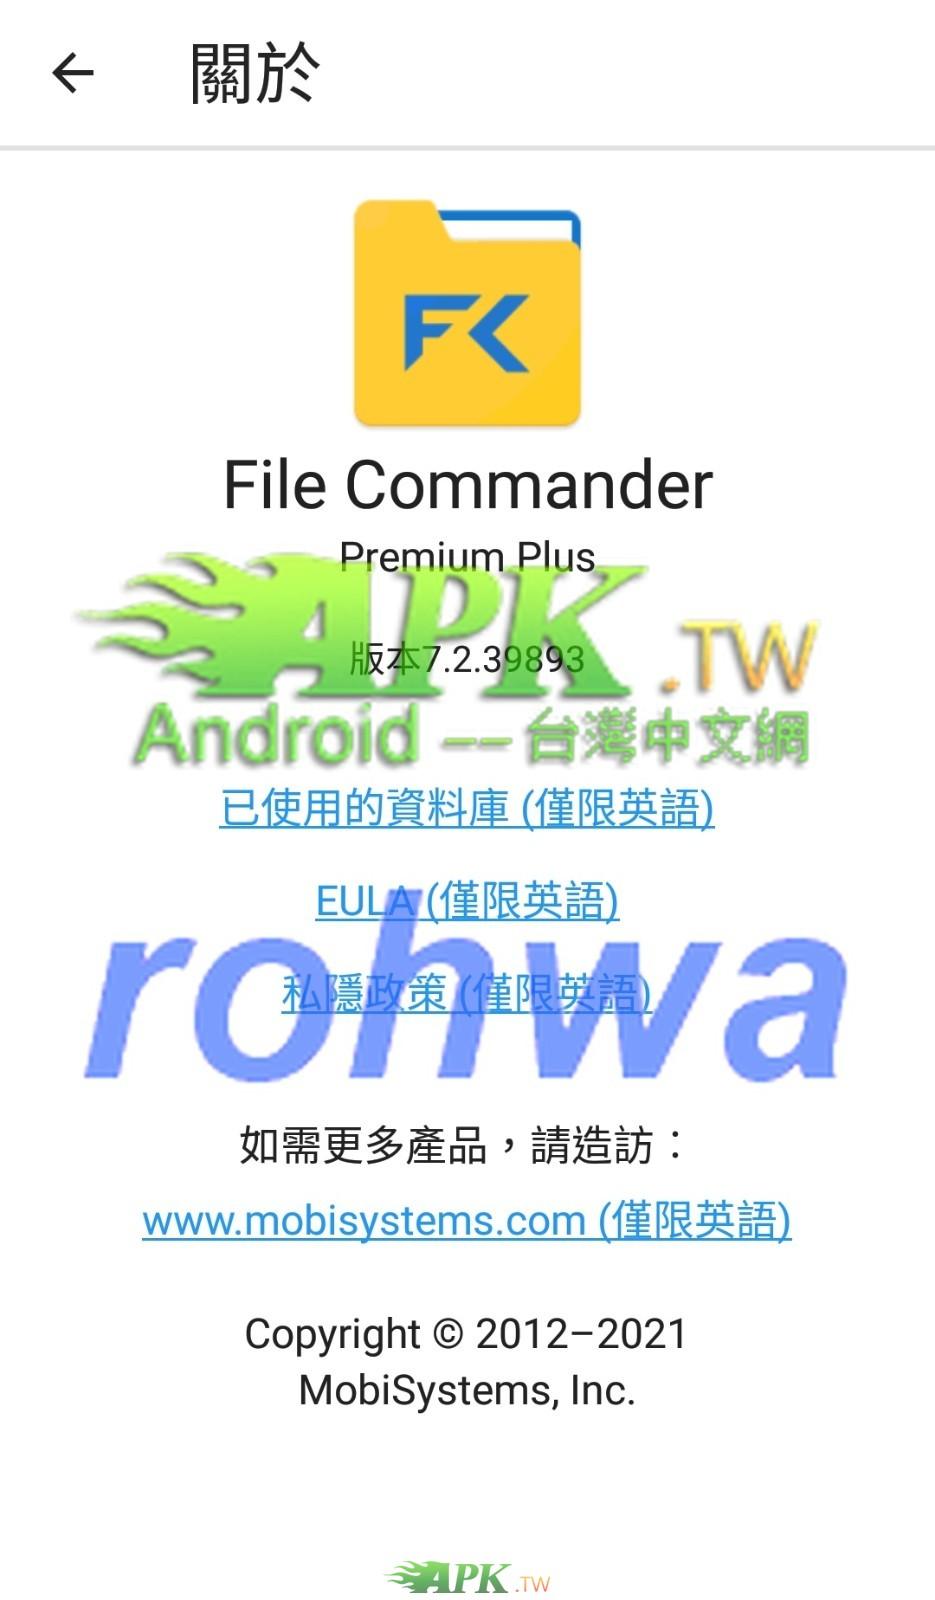 FileCommander__3__.jpg